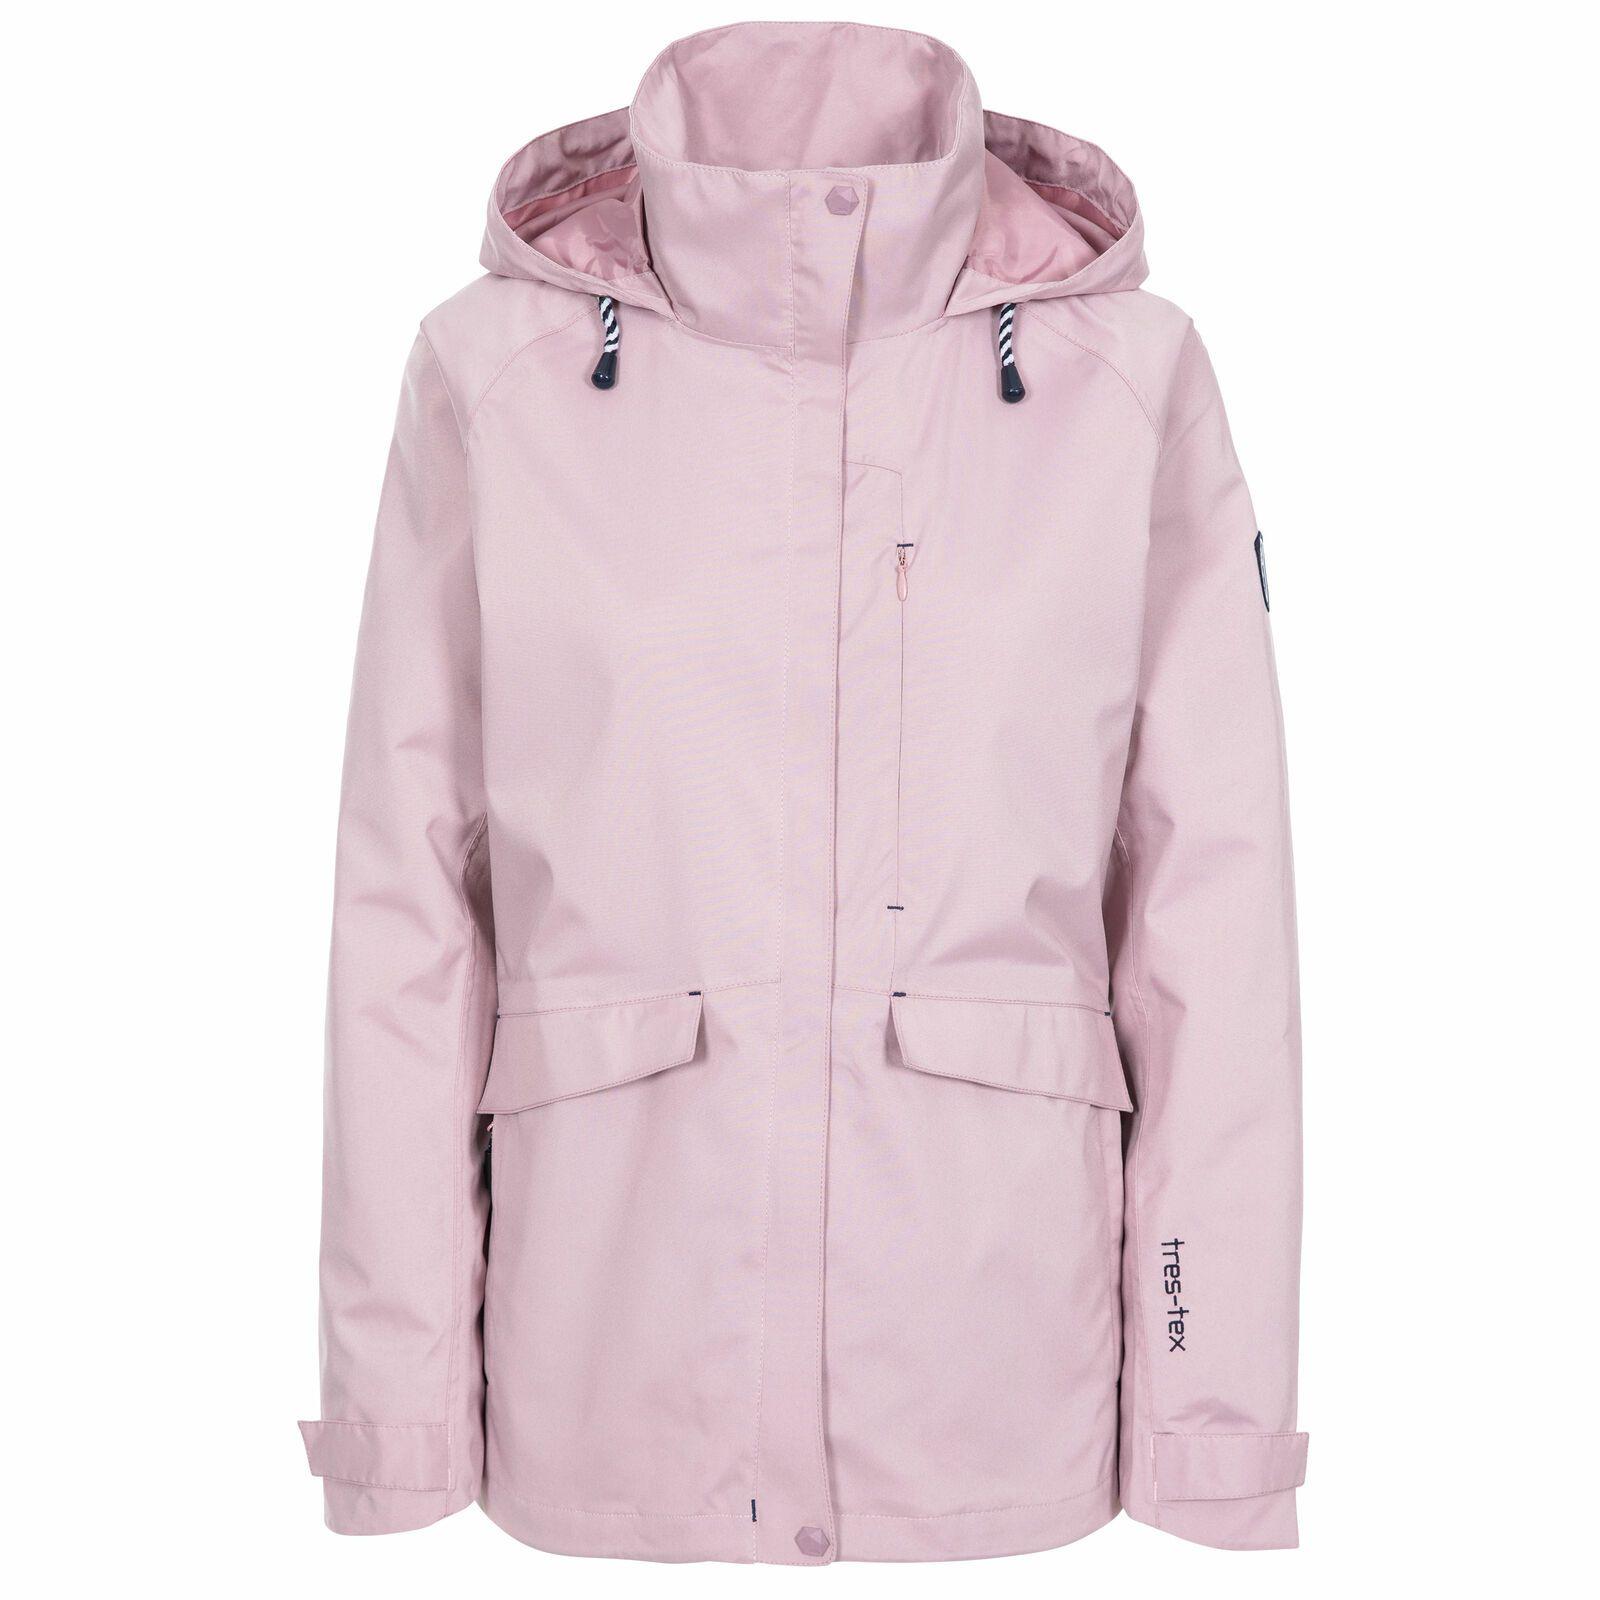 Trespass Womens/Ladies Voyage Waterproof Long-Sleeved Waterproof Jacket (Lavender Purple)